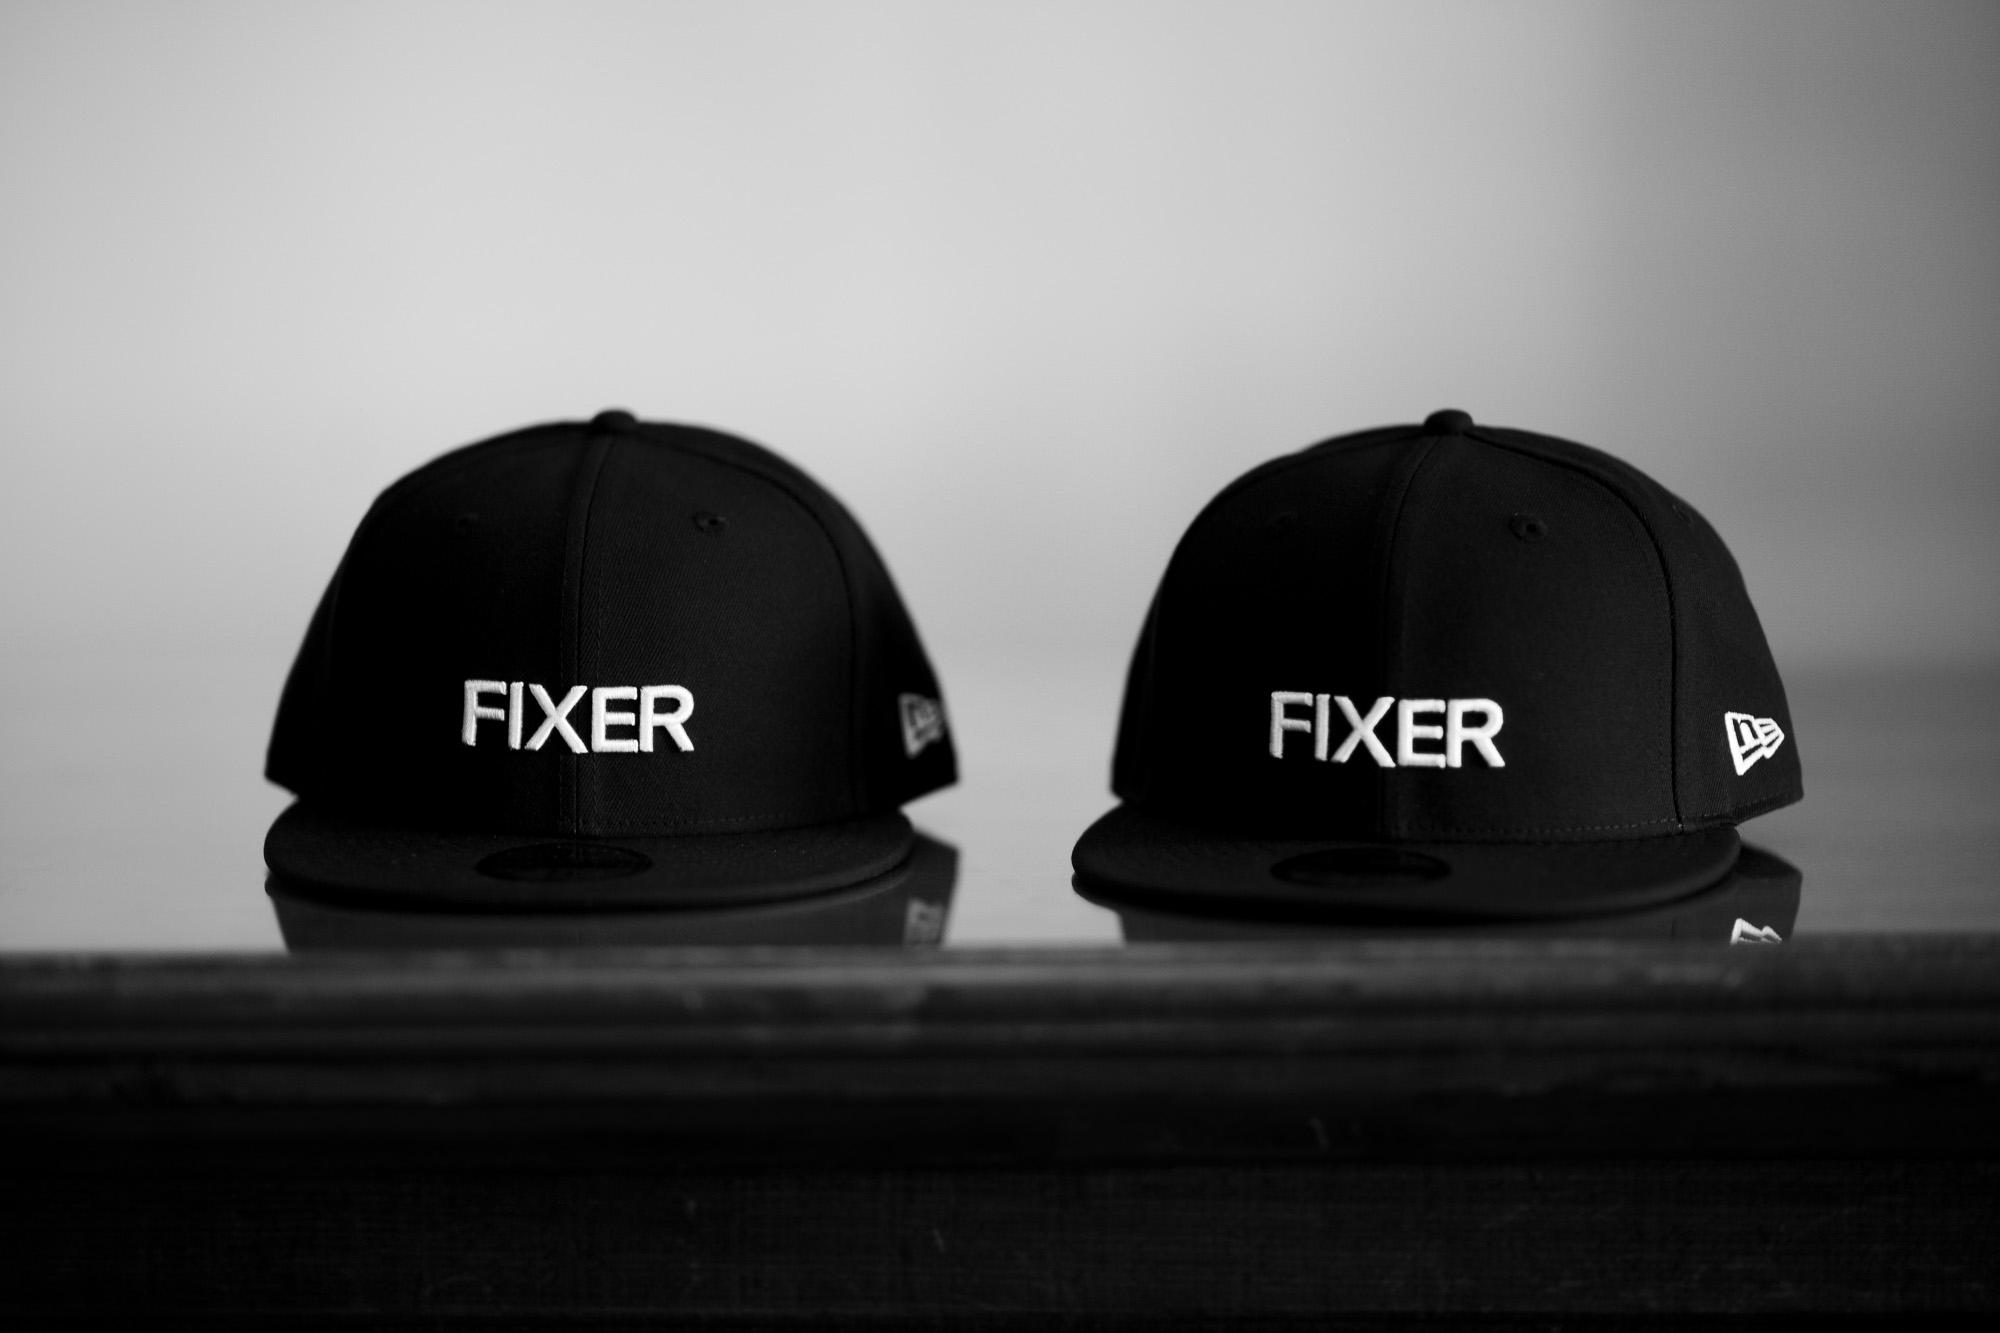 fixer-newera-59fifty-specialspecialspecialmodel-cap-altoediritto-nagoya-comingsoon-1